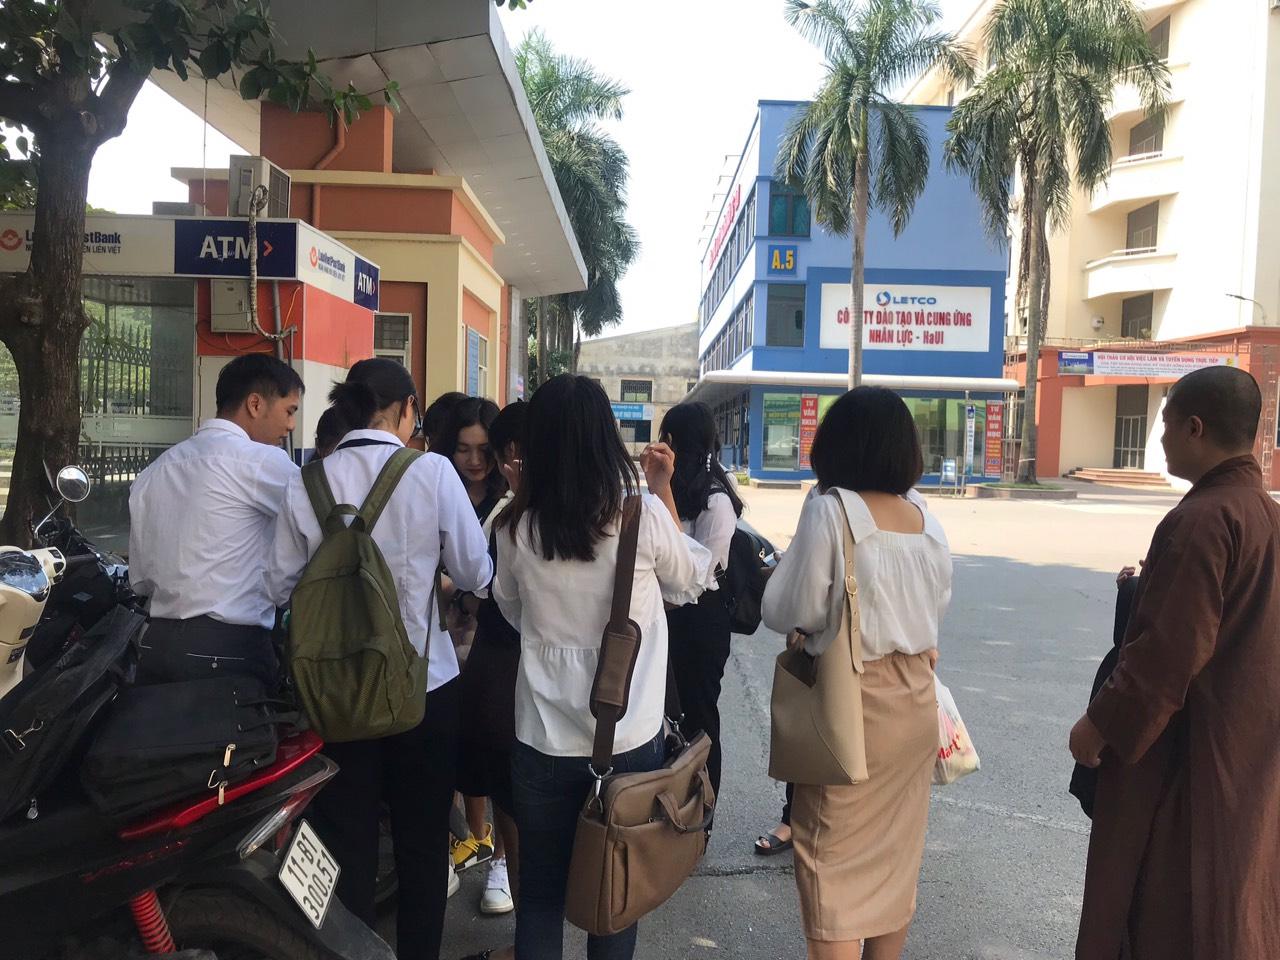 Khoa Lý luận Chính trị - Pháp luật chào đón 19 sinh viên Khoa Khoa Triết học, Trường Đại học Sư phạm Hà Nội đến thực tập